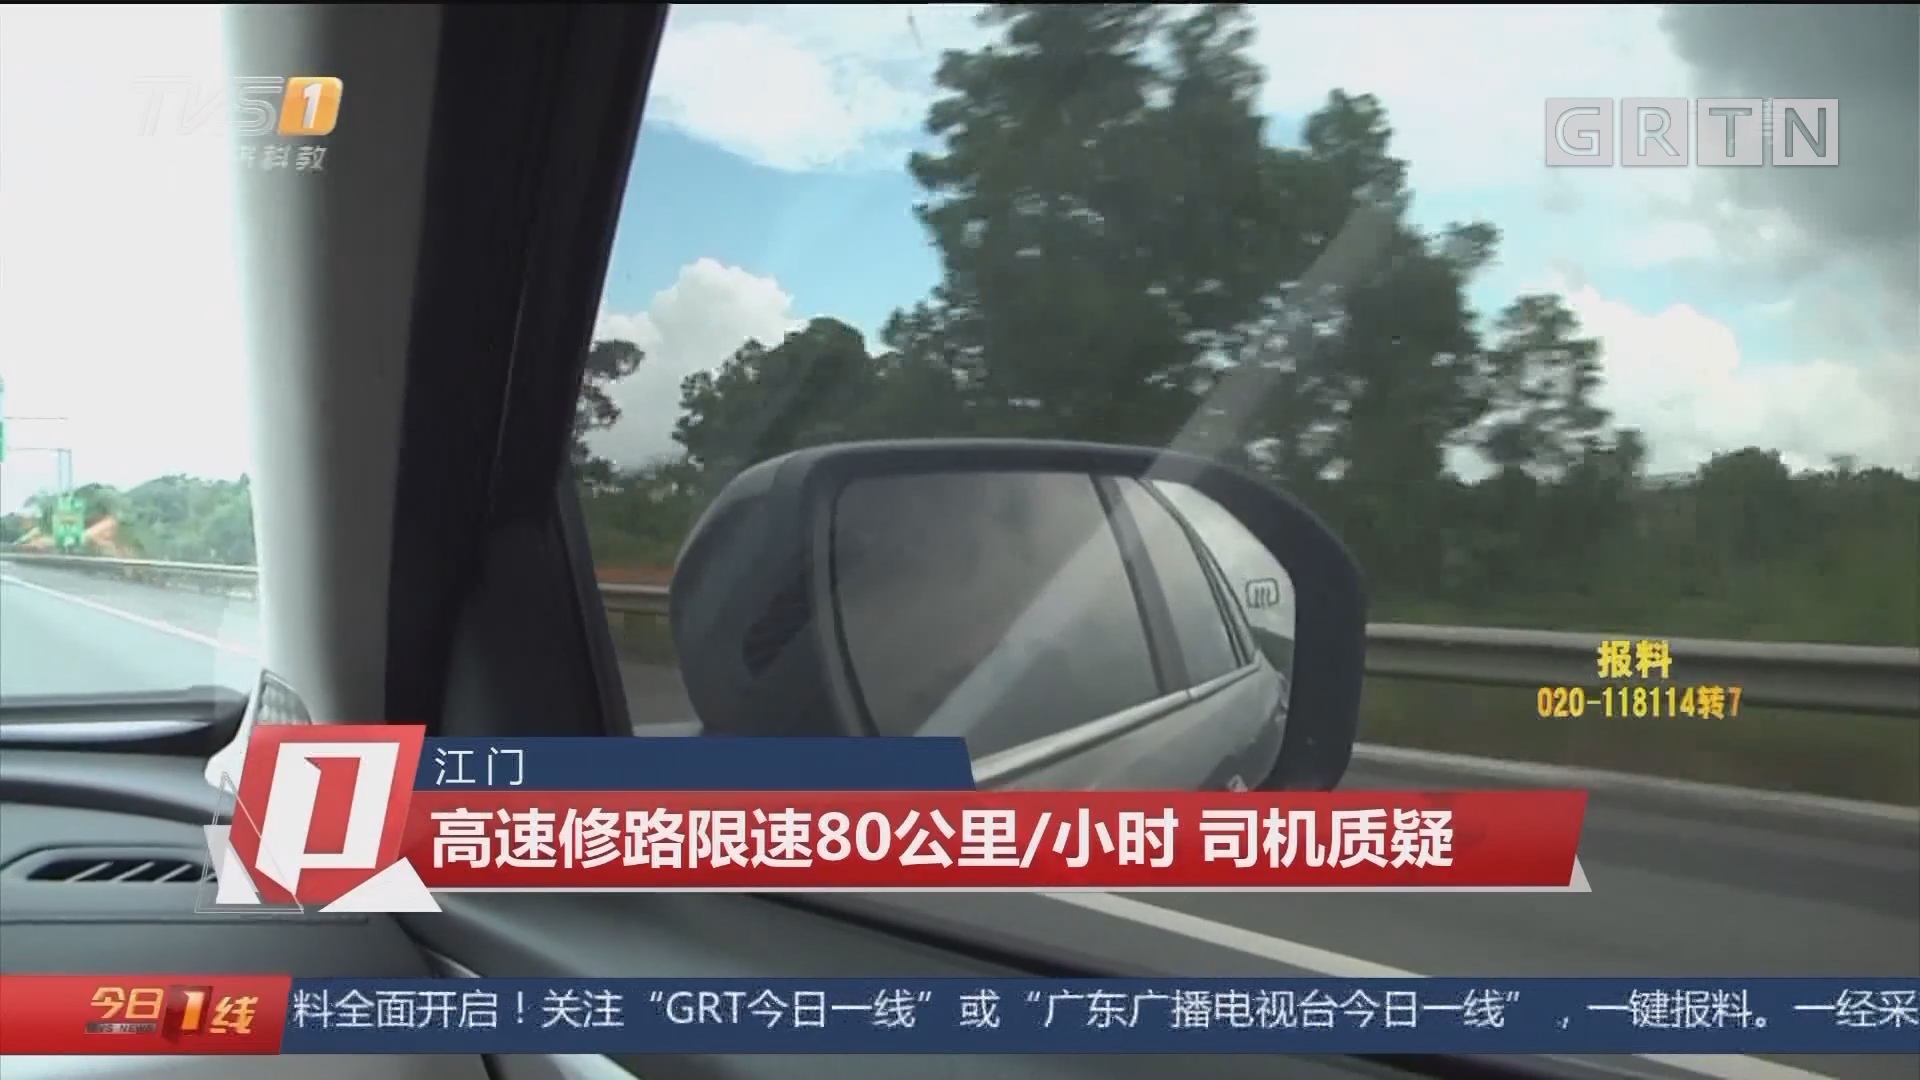 江门:高速修路限速80公里/小时 司机质疑